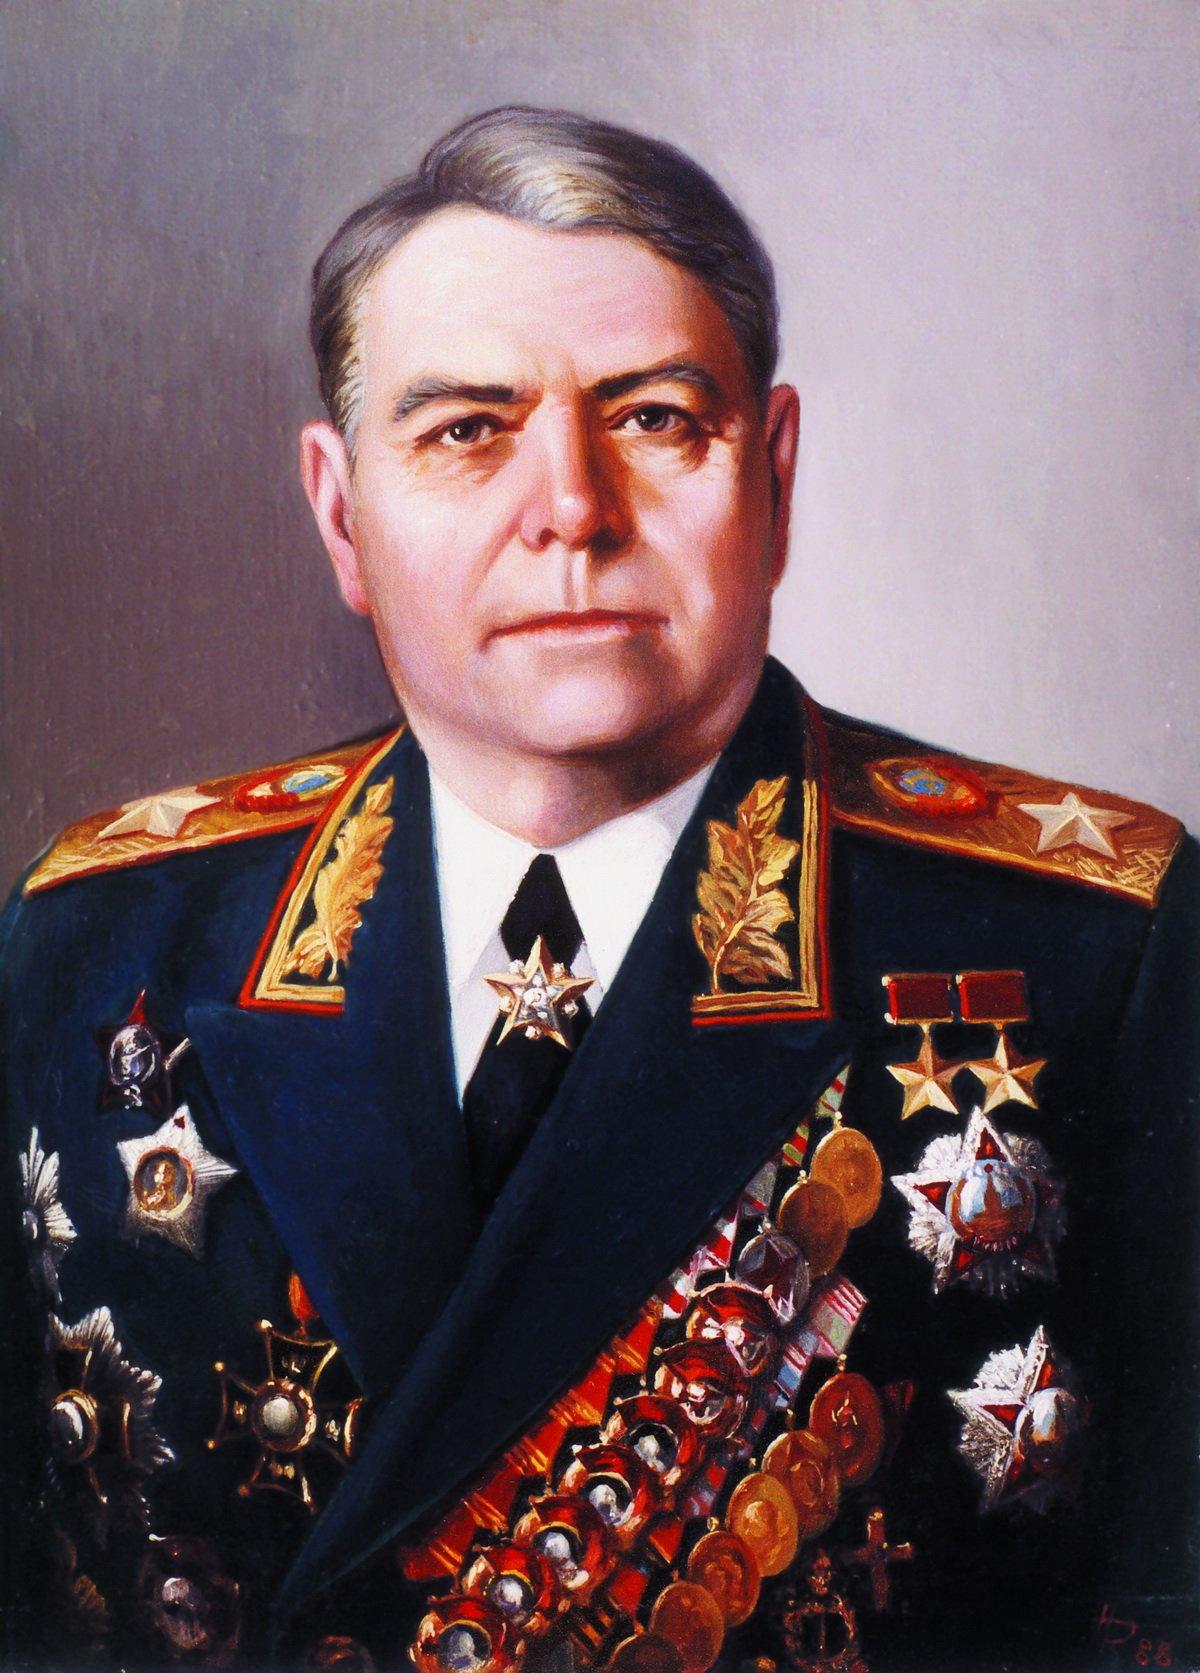 маршалы советского союза картинки используют муку пшеницы